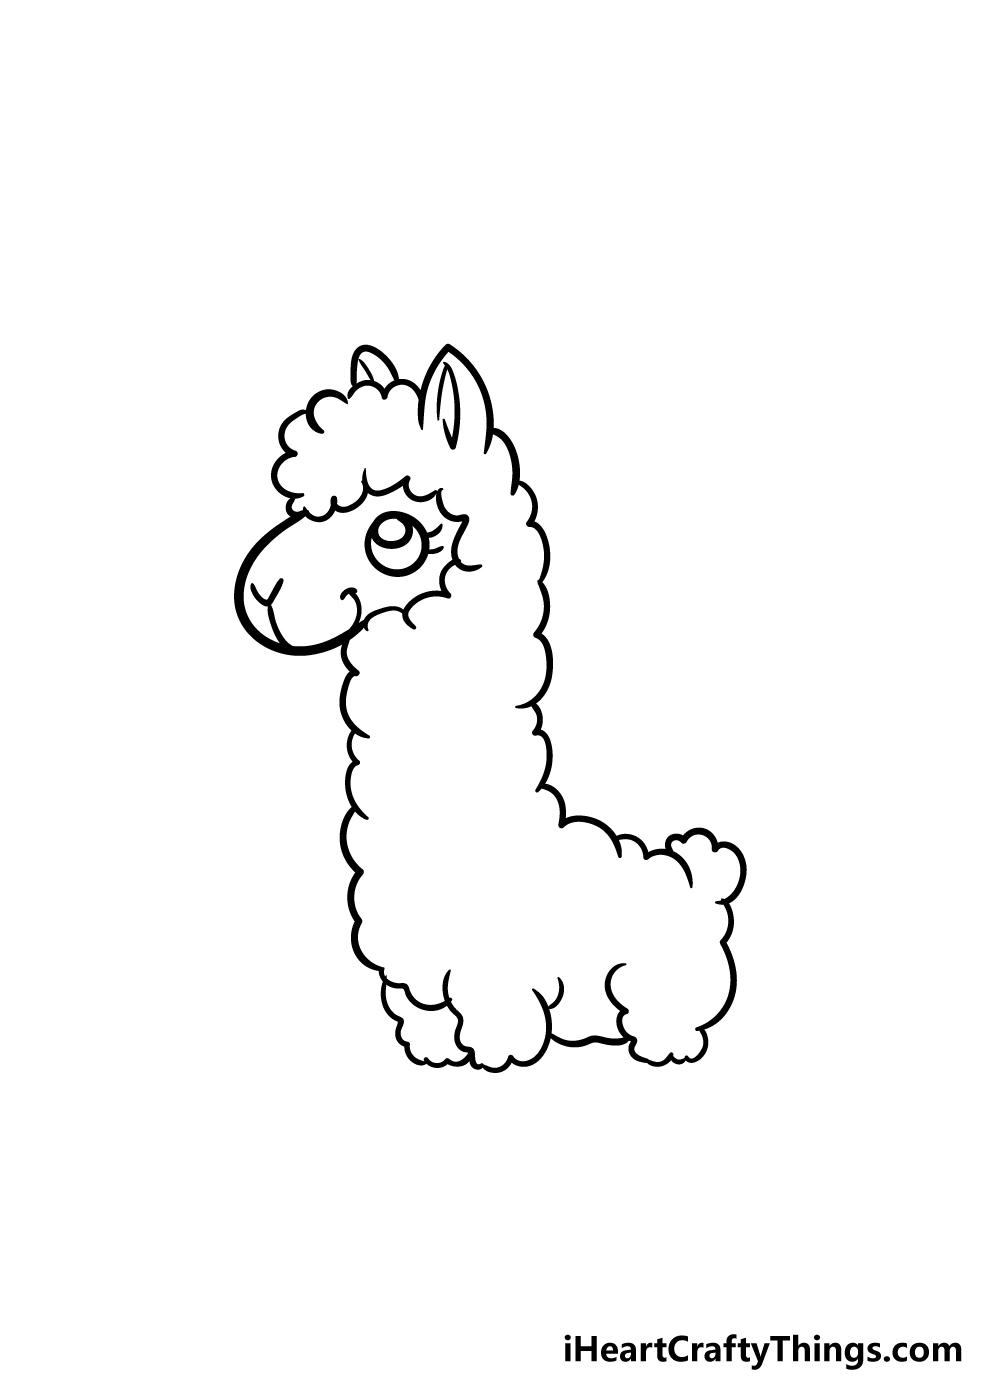 llama drawing step 5